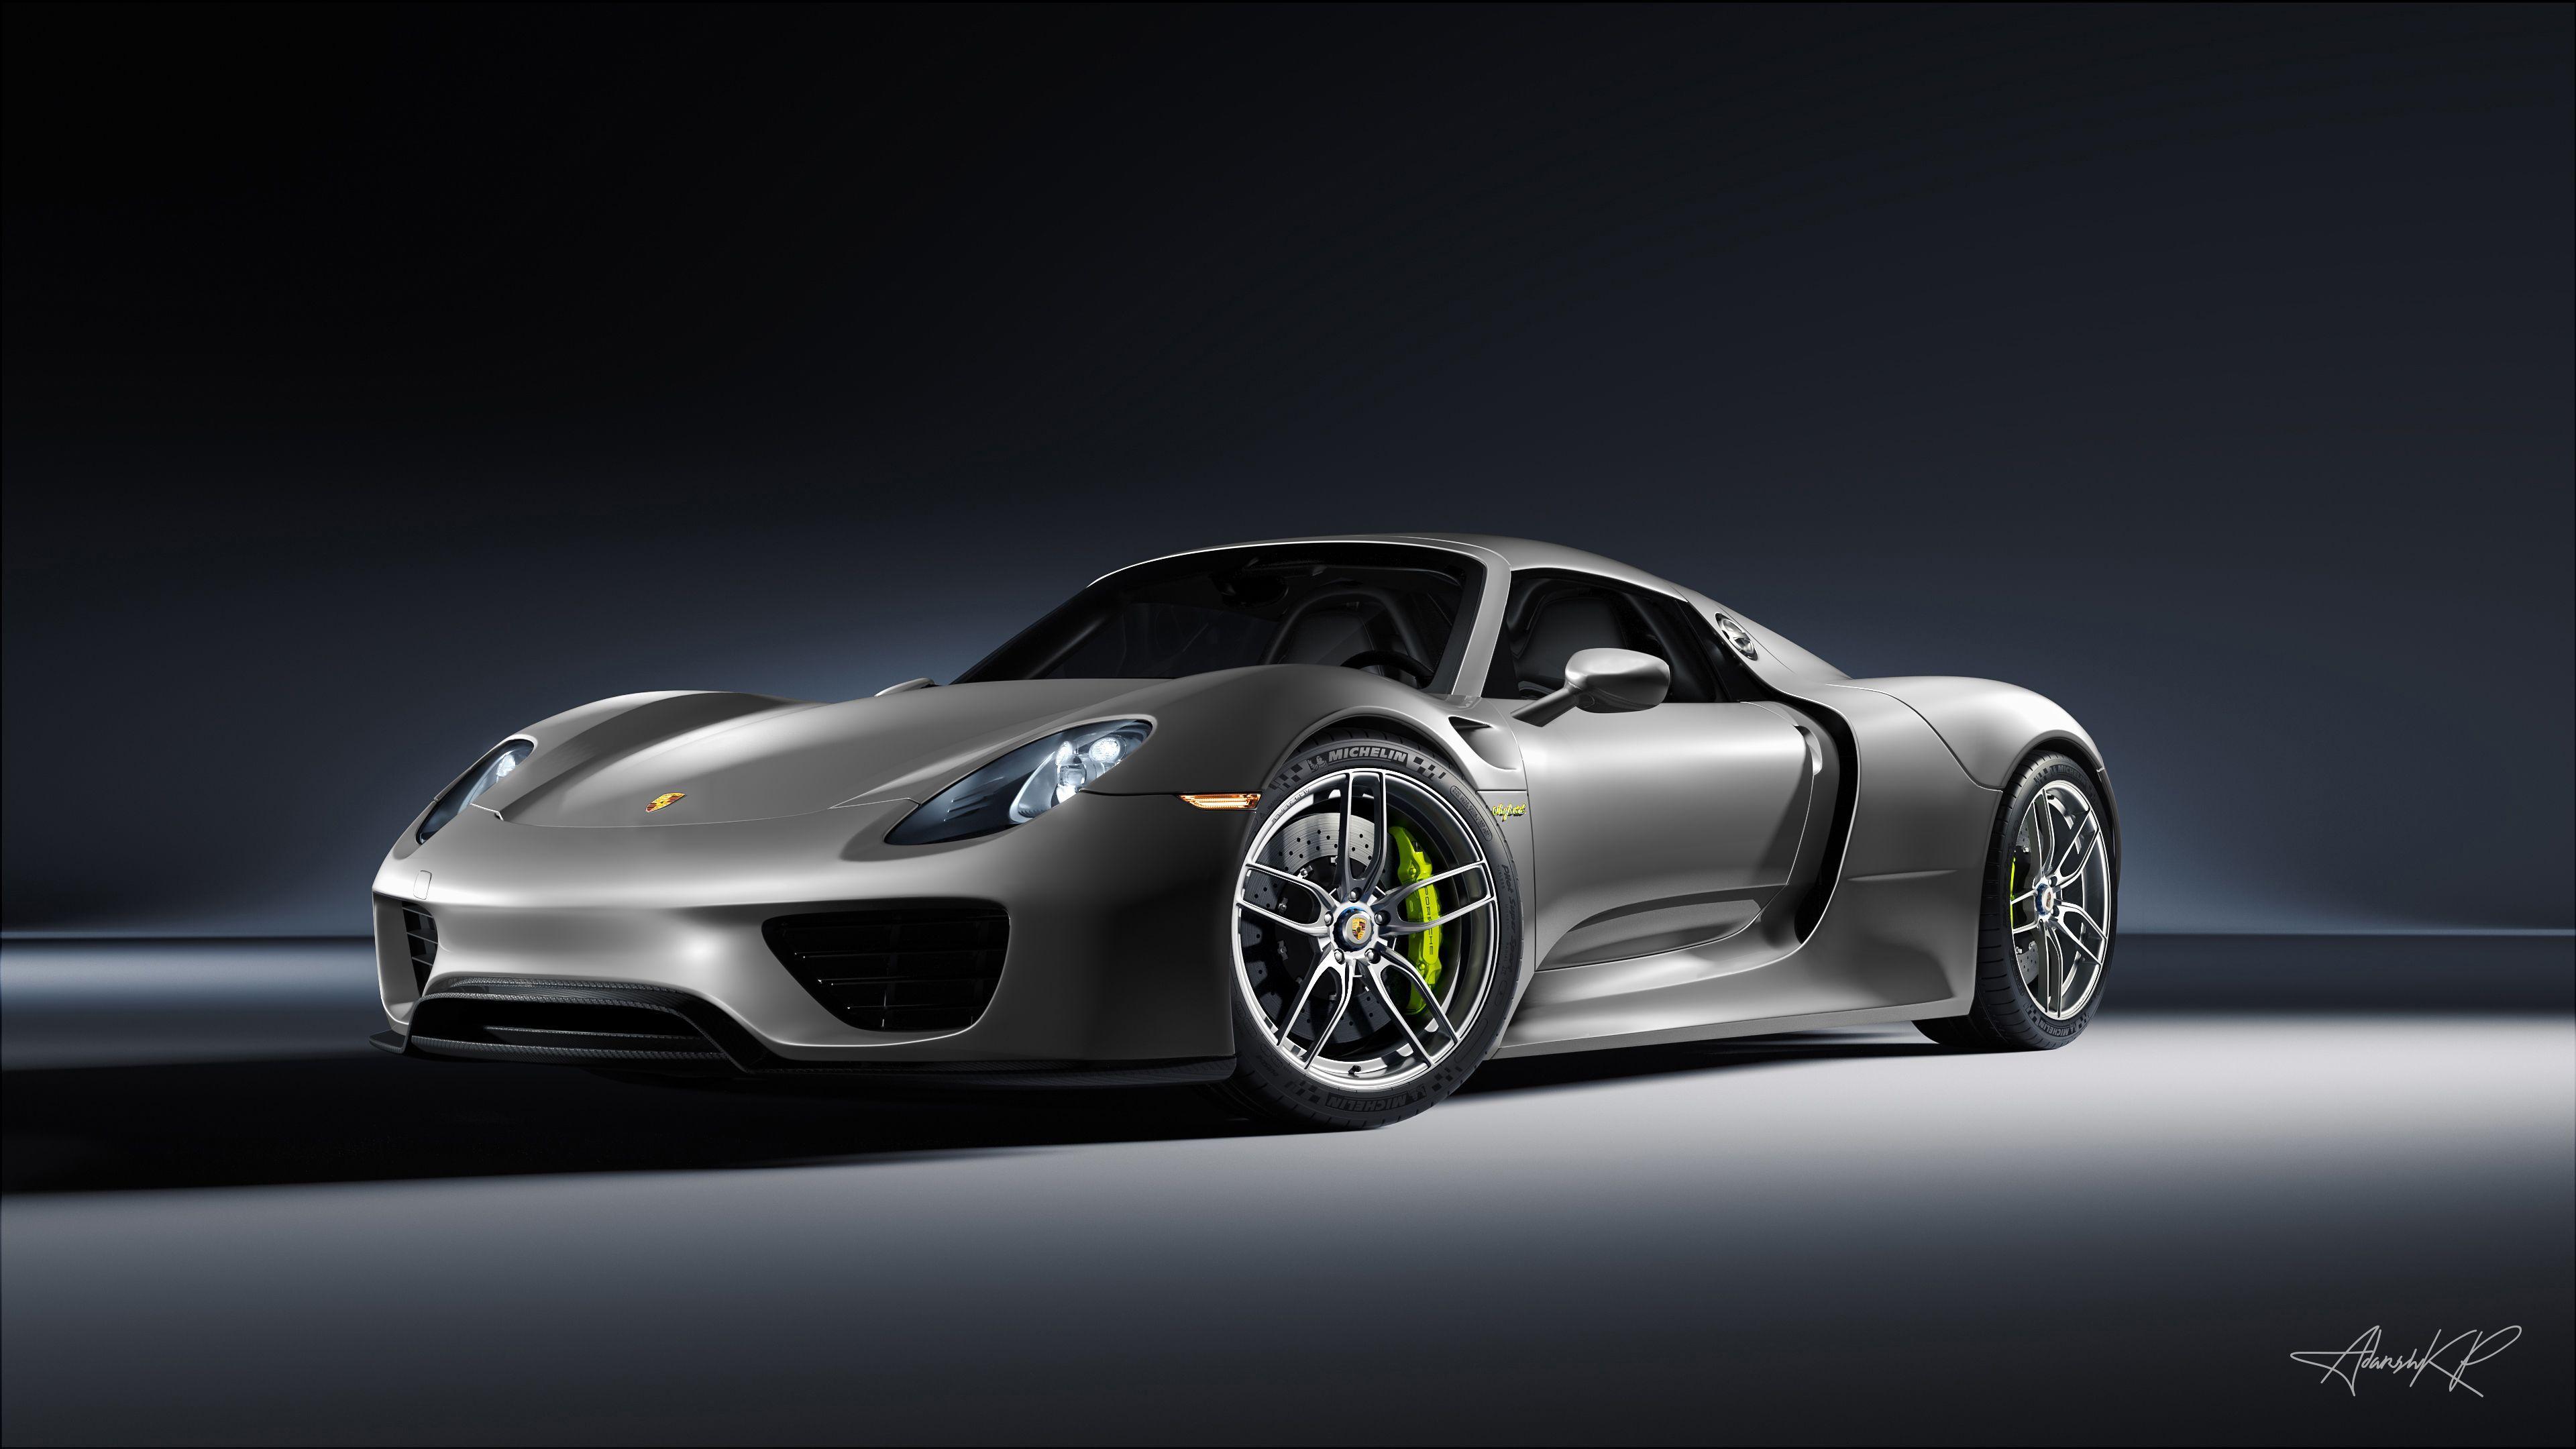 Porsche 918 Spyder Wallpapers Top Free Porsche 918 Spyder Backgrounds Wallpaperaccess